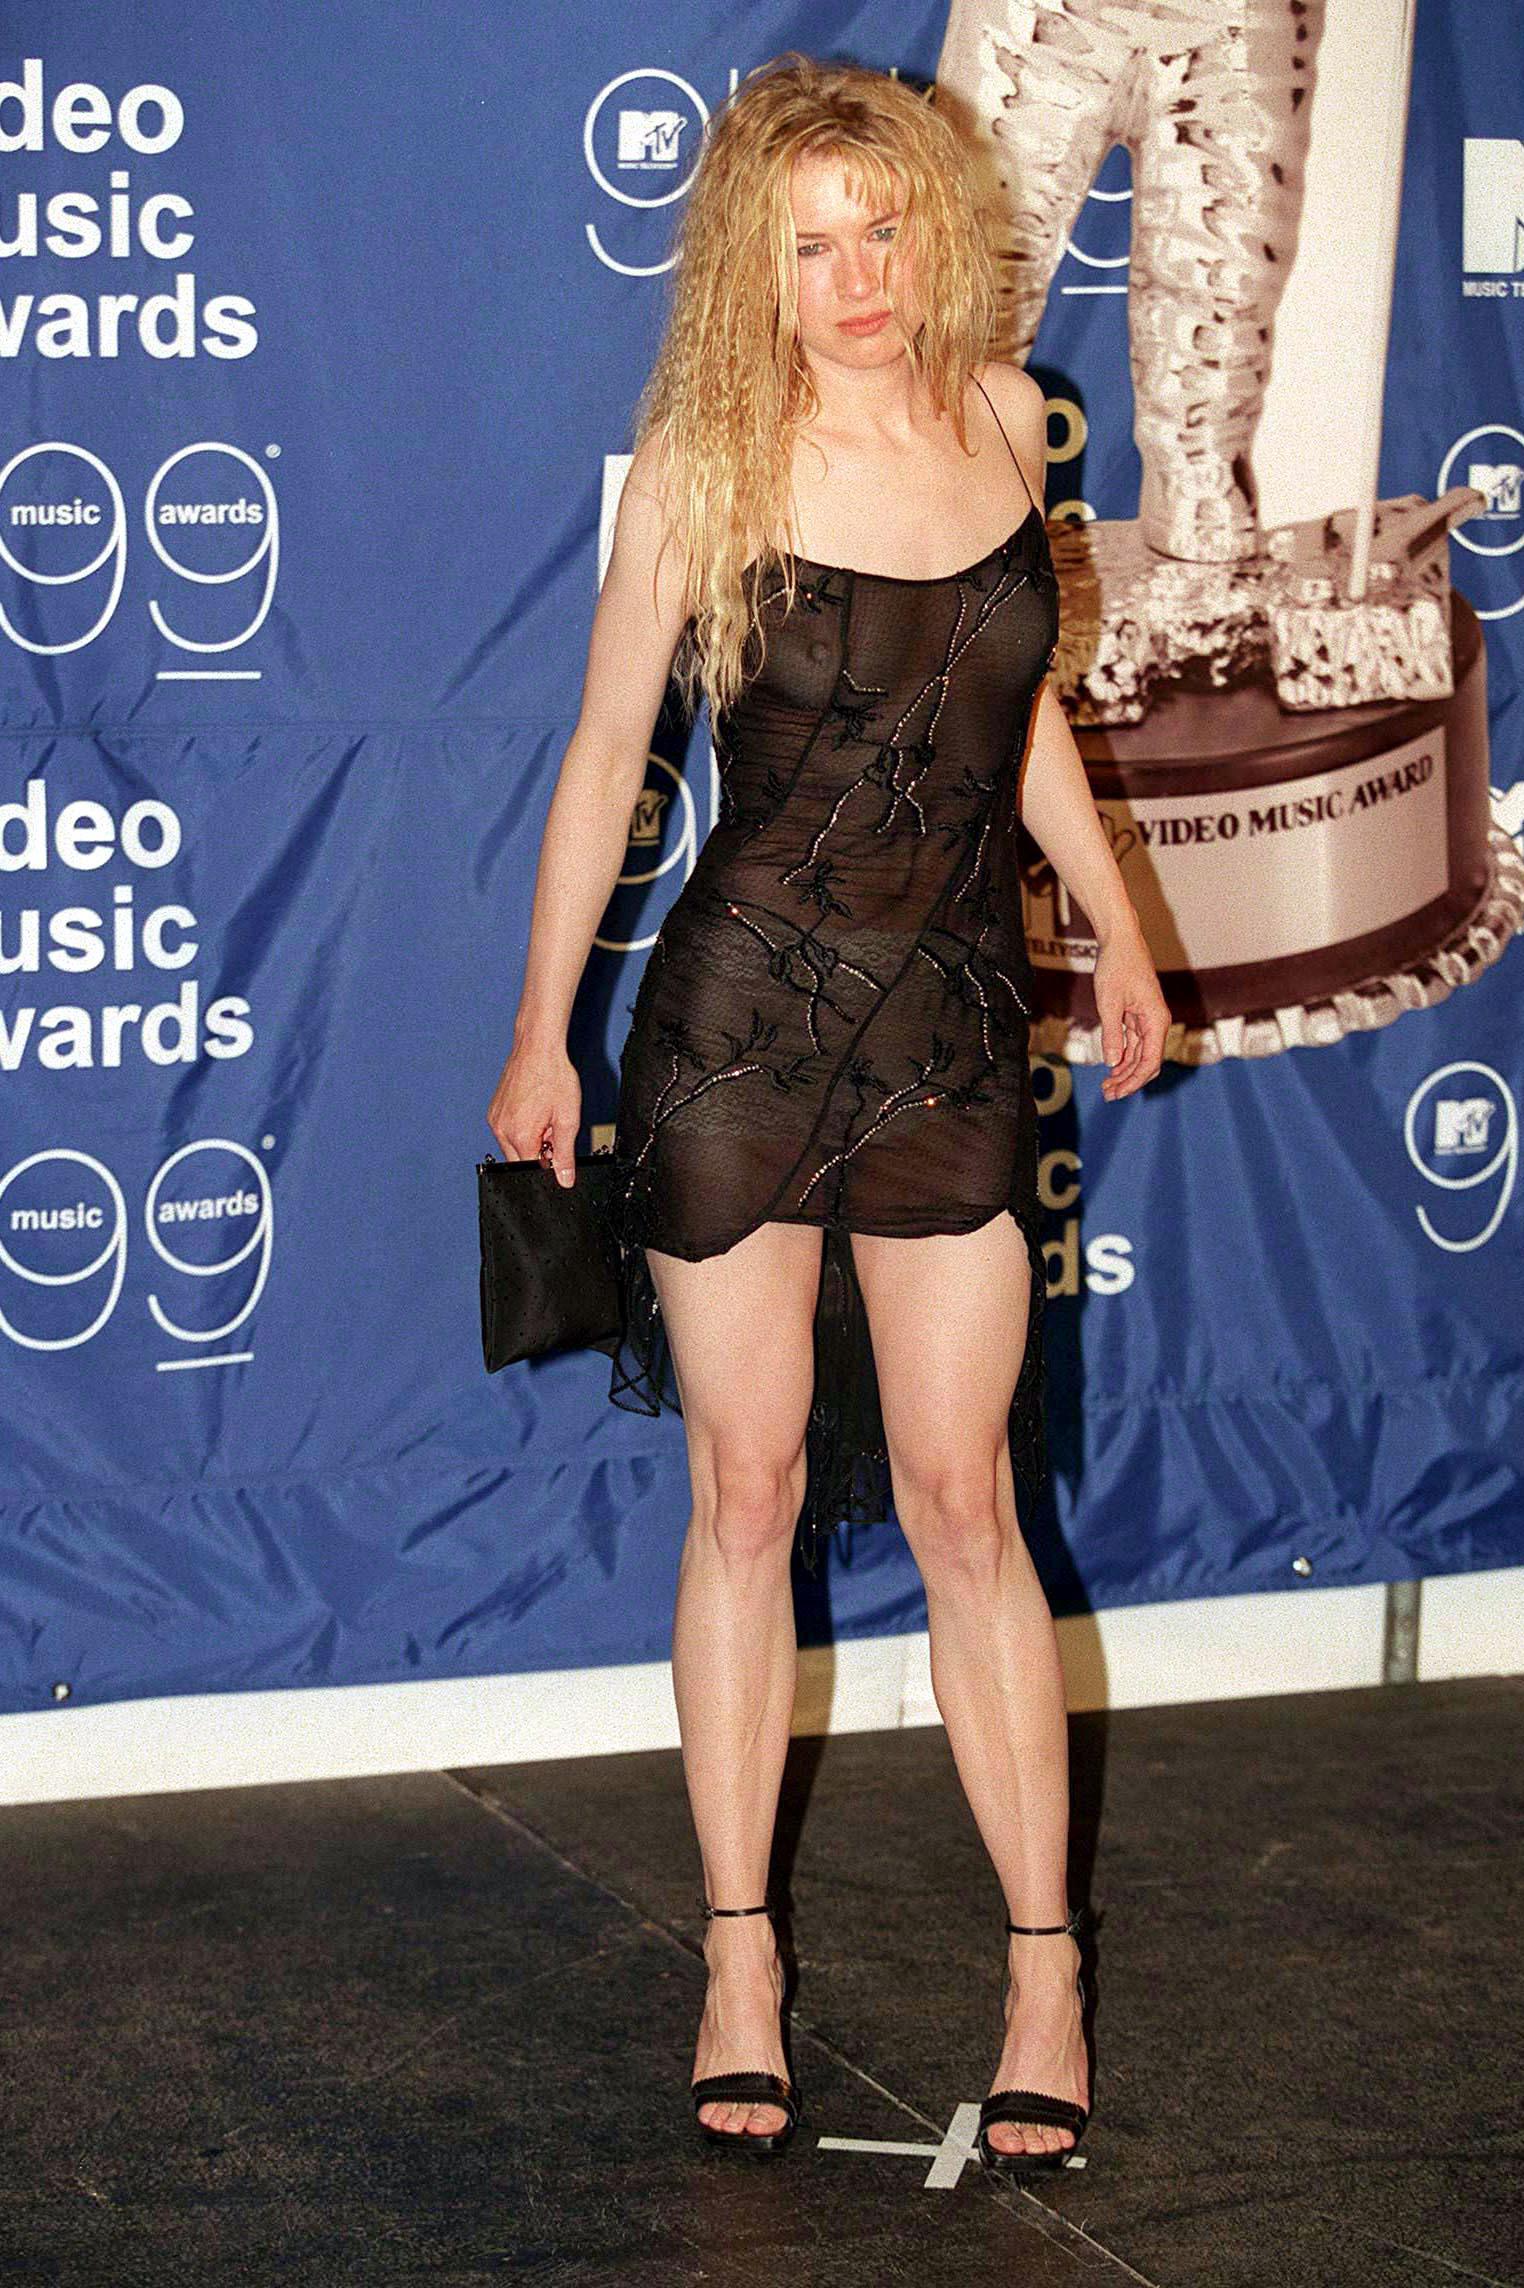 Renee Zellweger Fake Nude Ideal zellweger upskirts